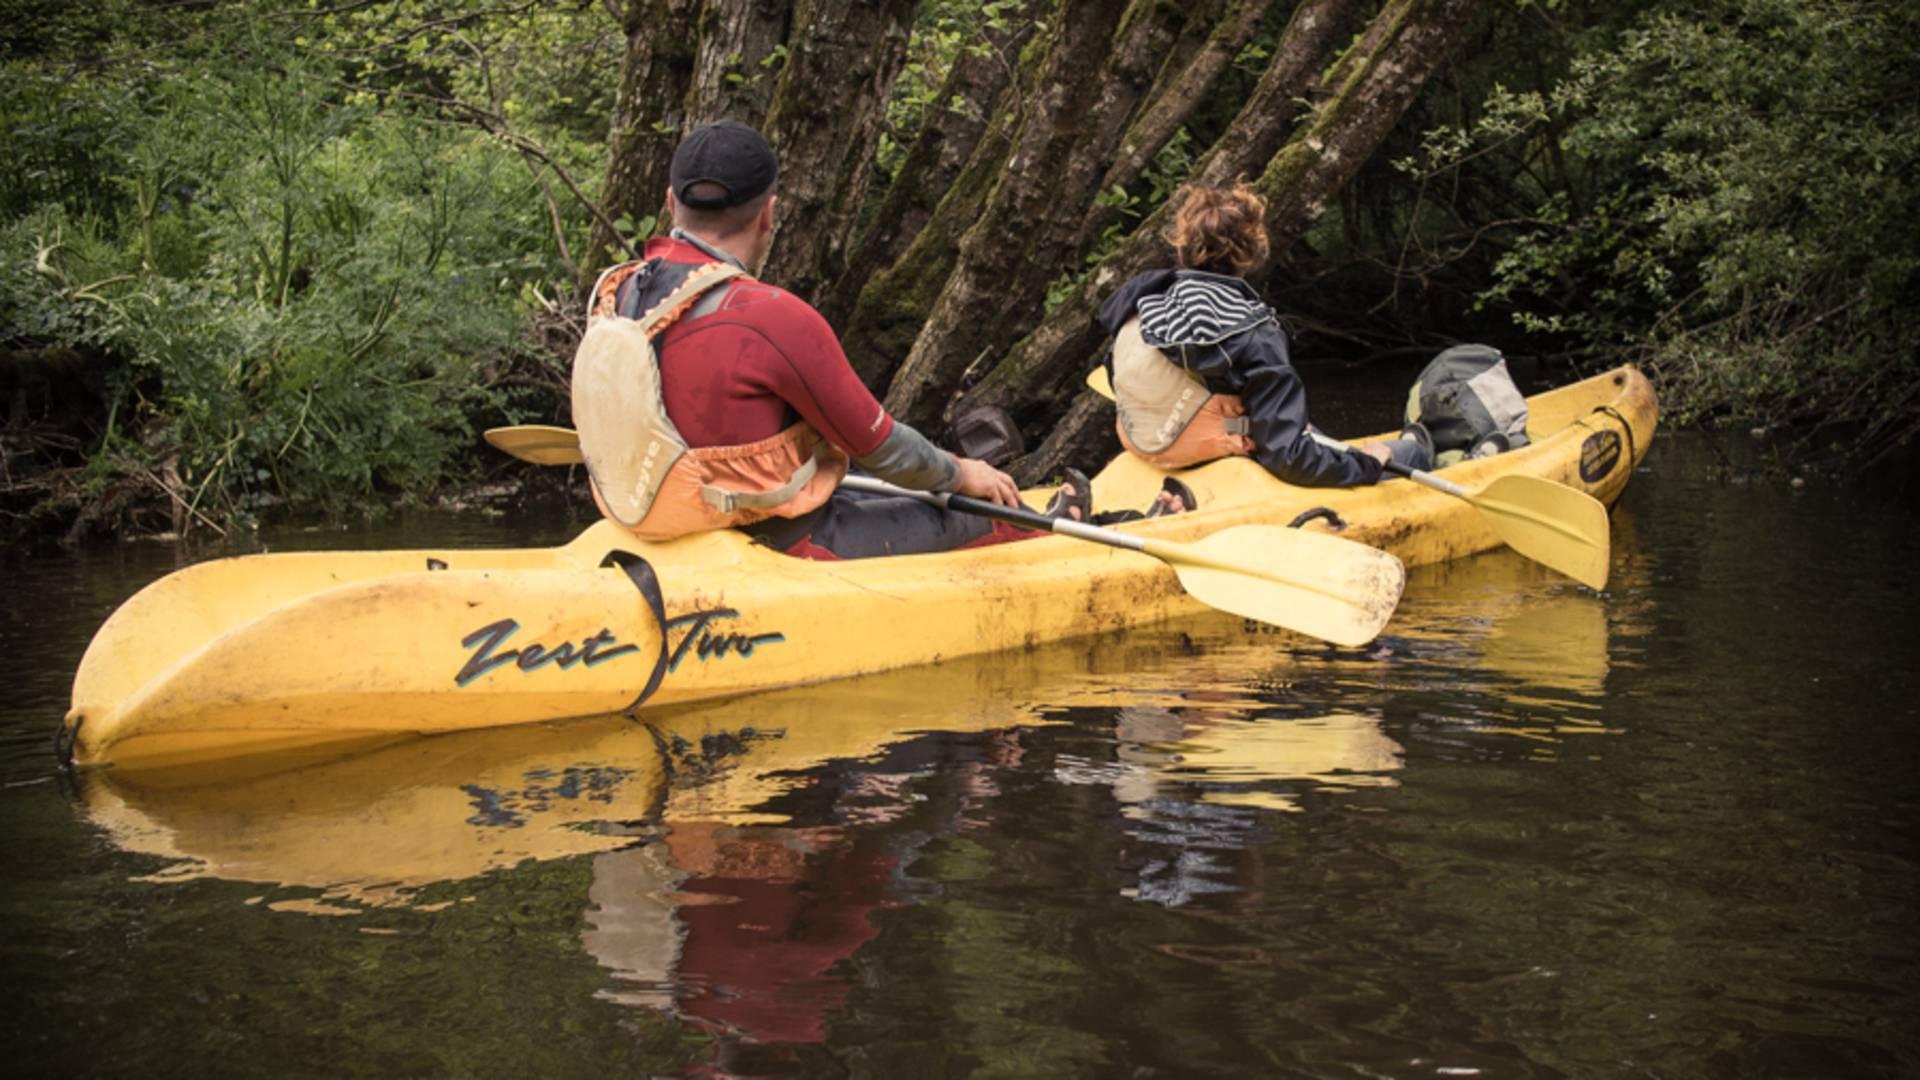 Station sport et nature à Belle-Isle-en-Terre - kayak